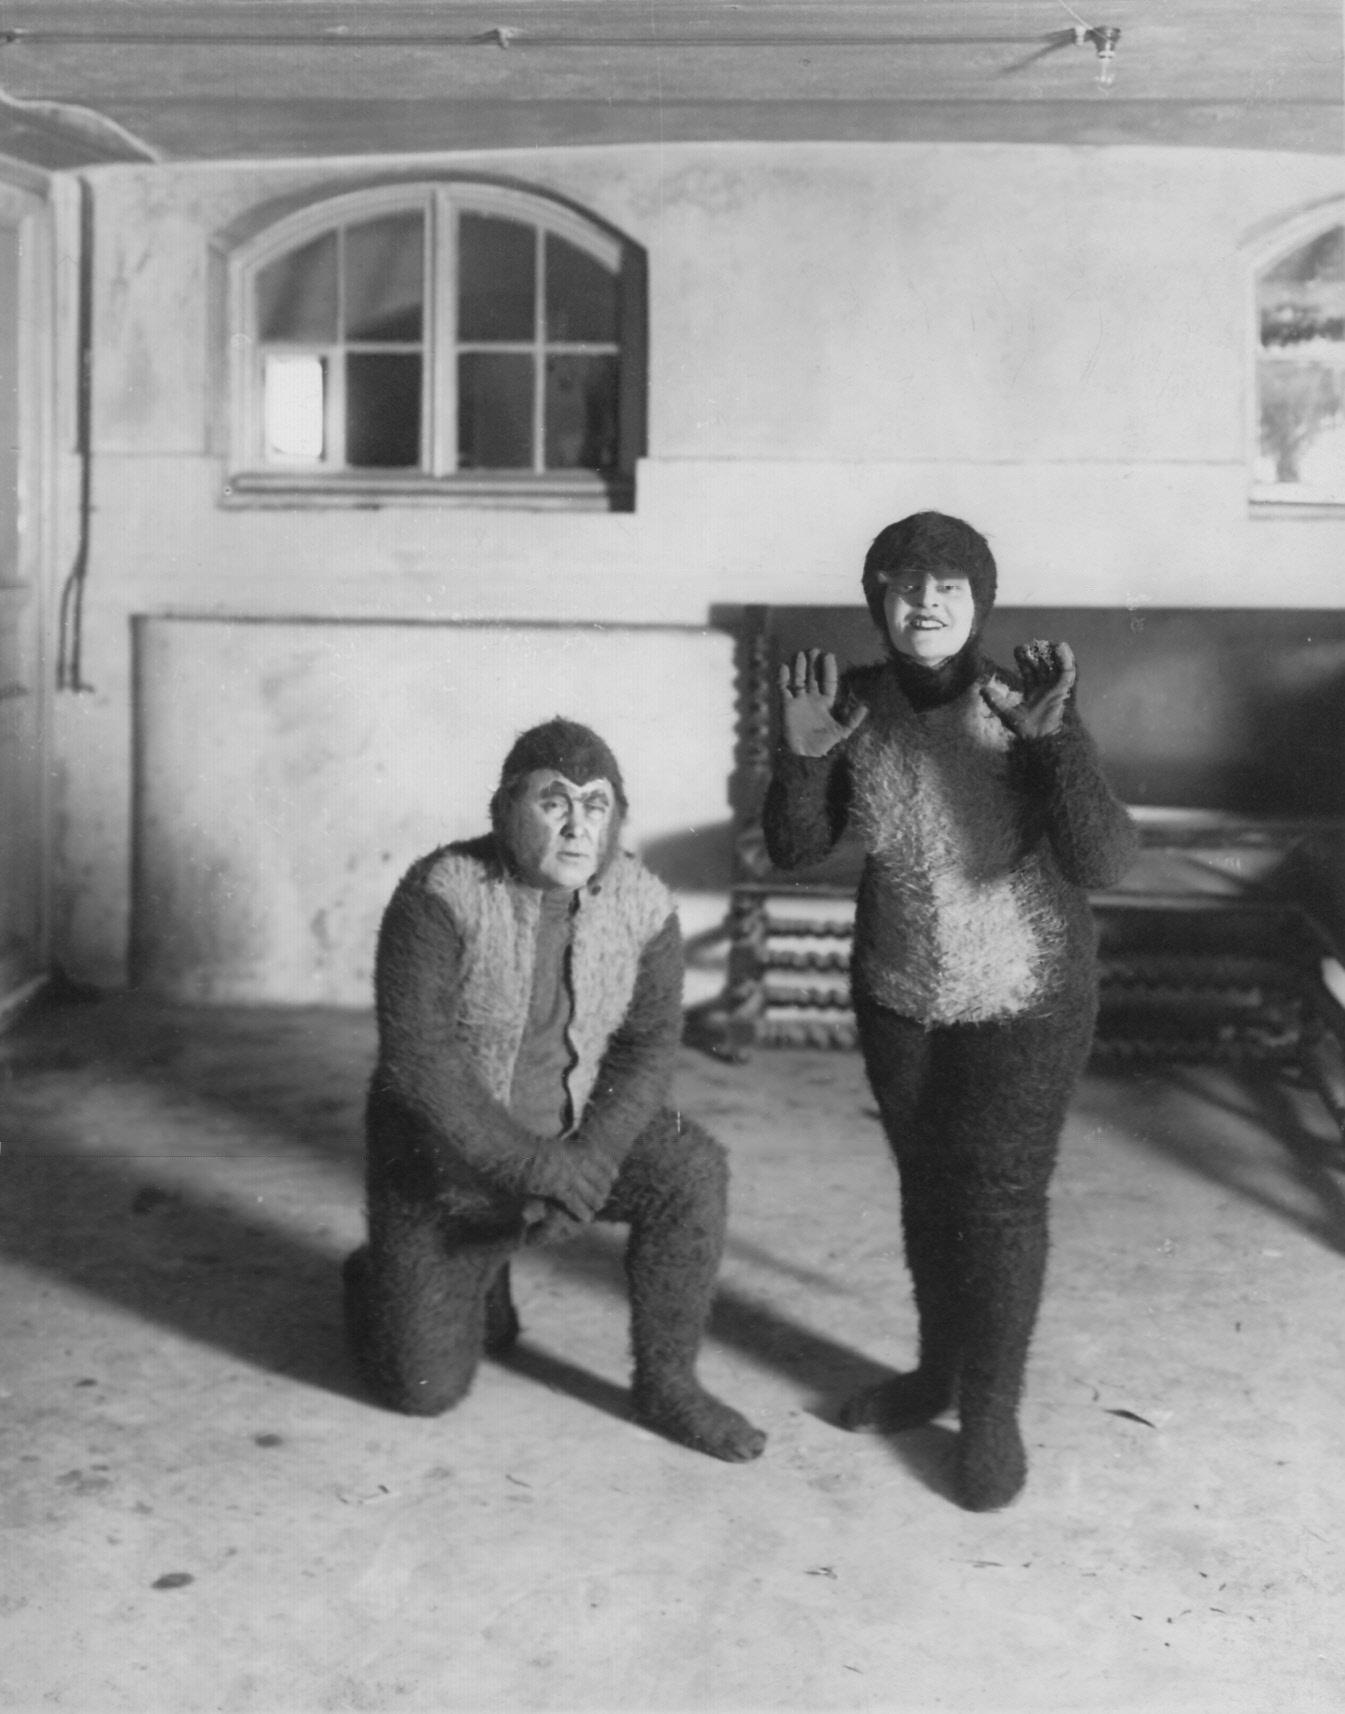 1908. Спектакль «Любовь в веках» по миниатюре Н. А. Тэффи. Сцена - любовь обезьян